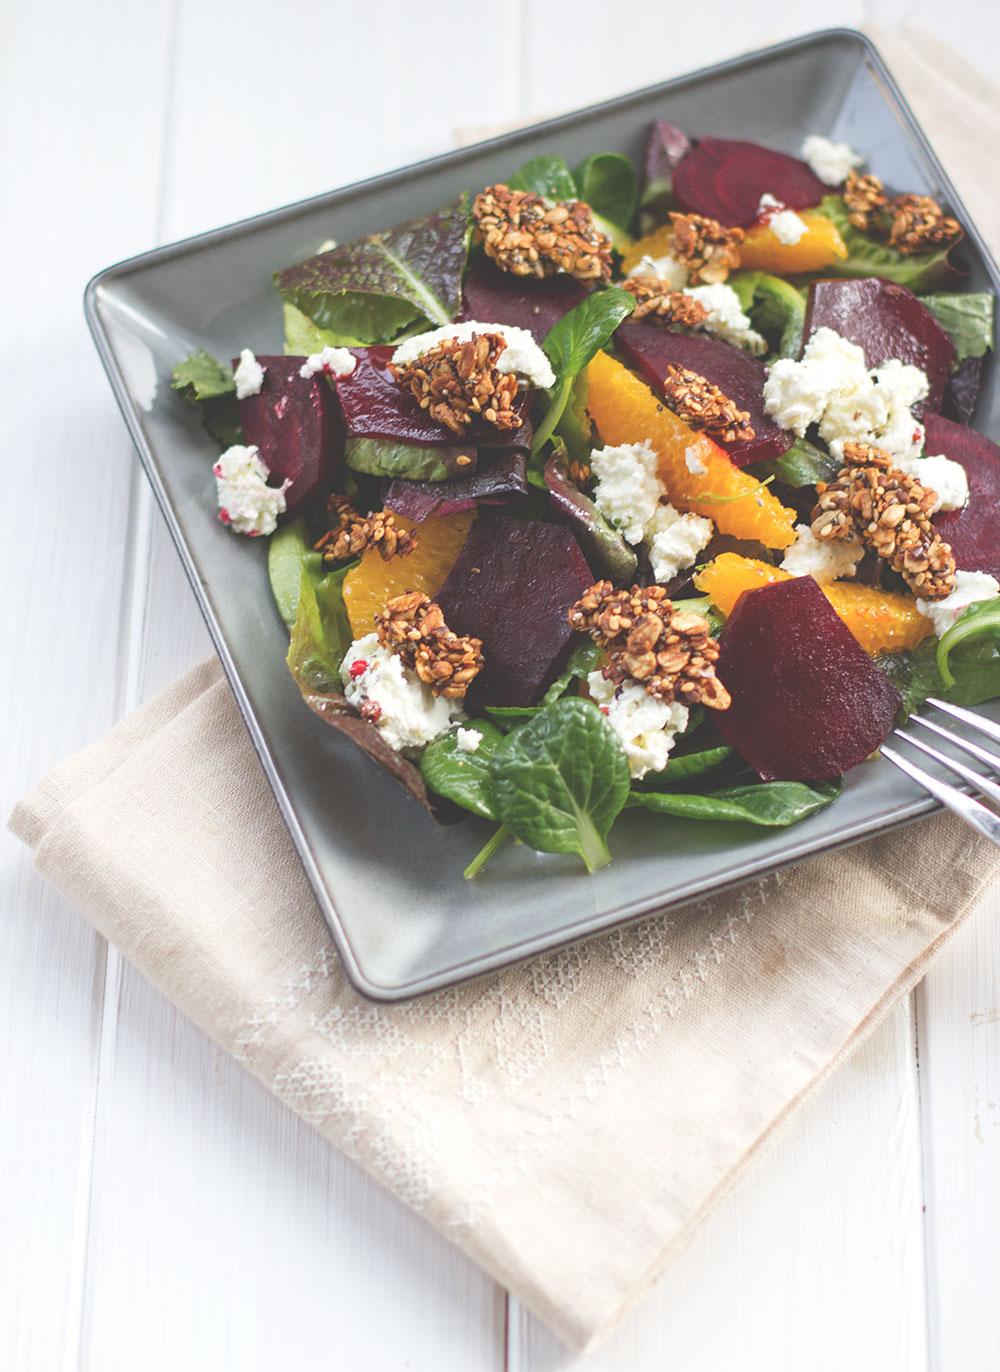 Frühlingssalat mit gebackener Roter Bete, Ziegenfrischkäse, Orangen und herzhaftem Granola